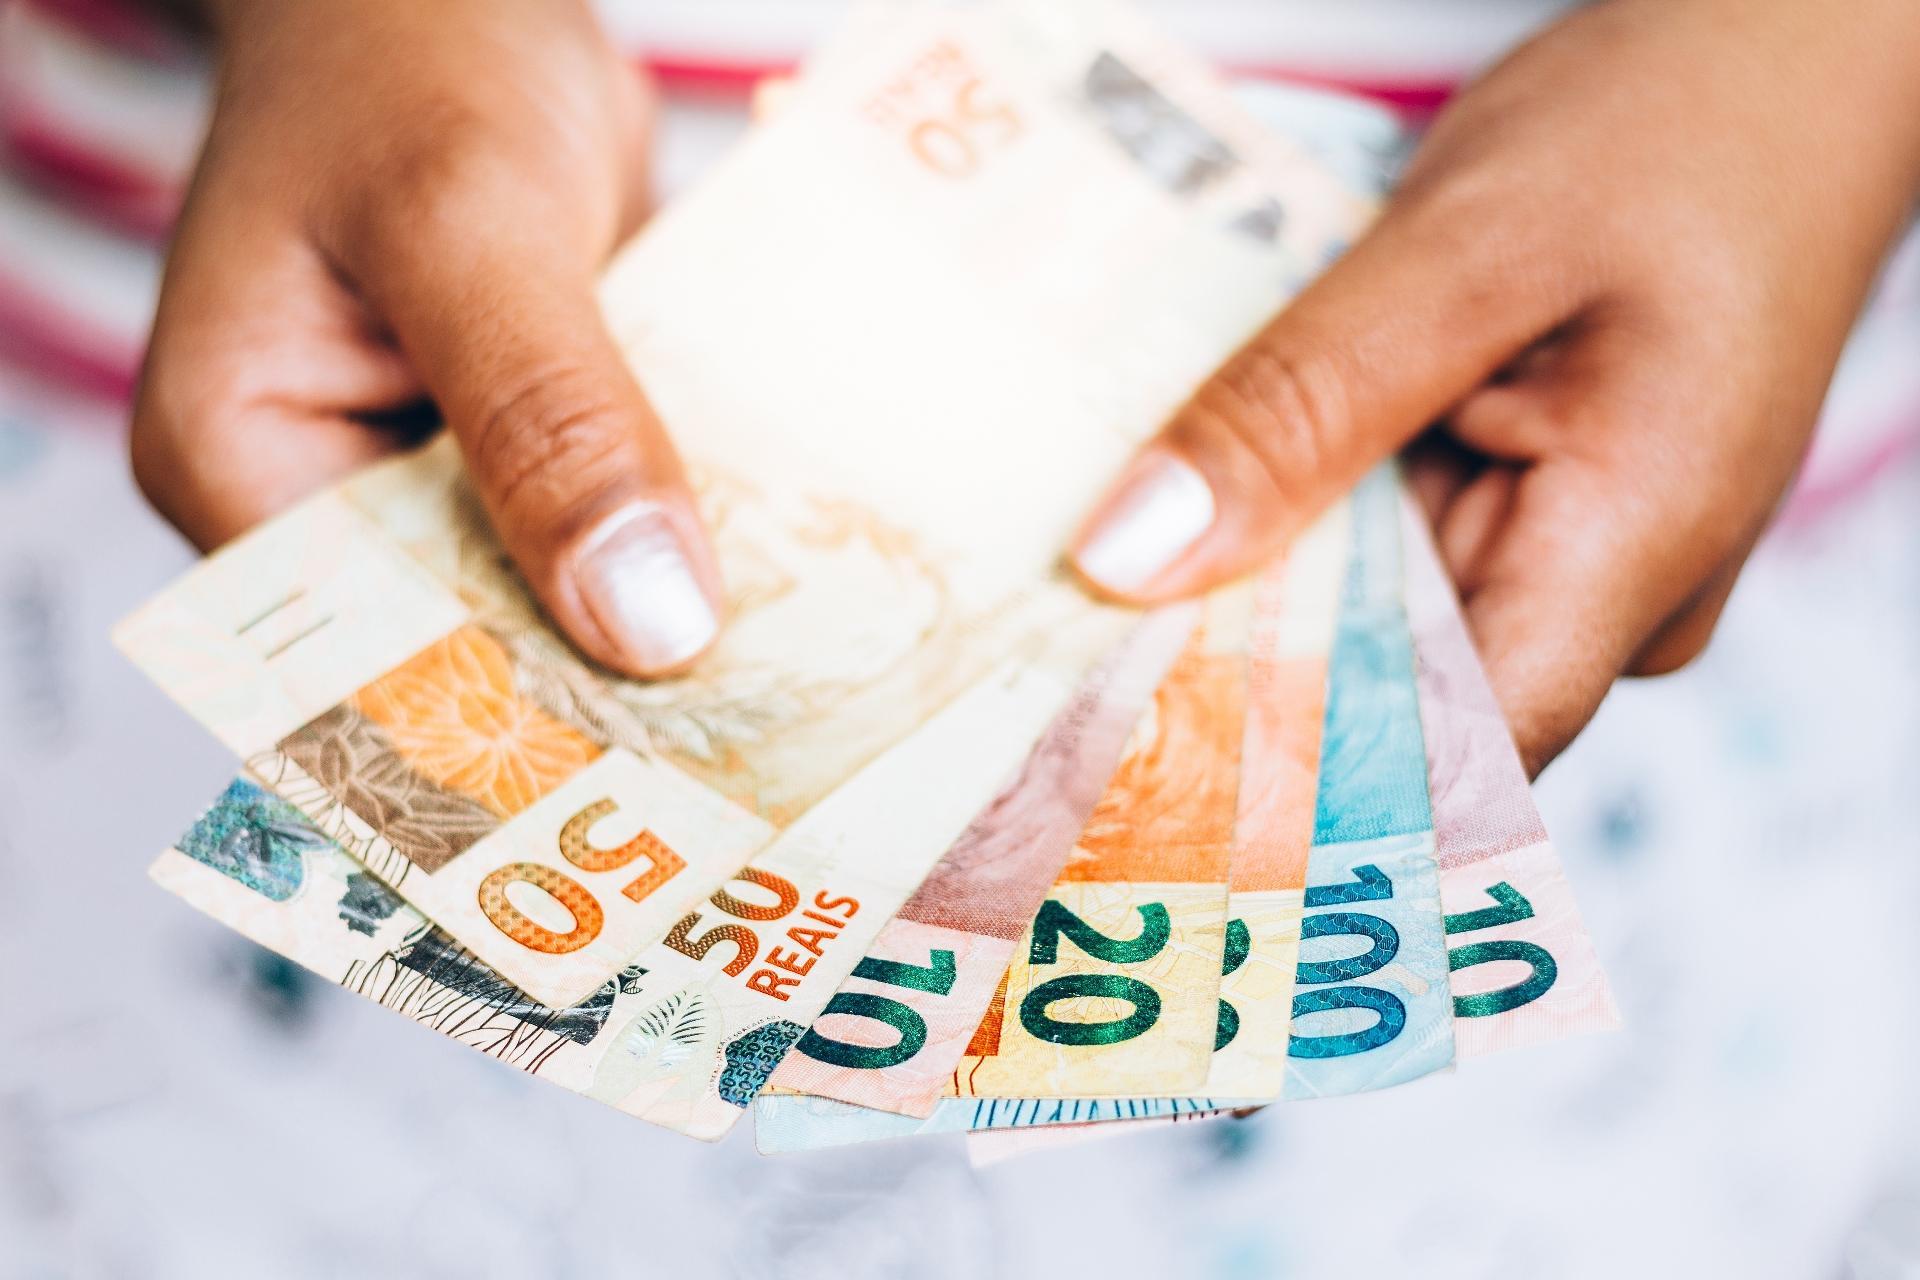 nova-nota-200-reais